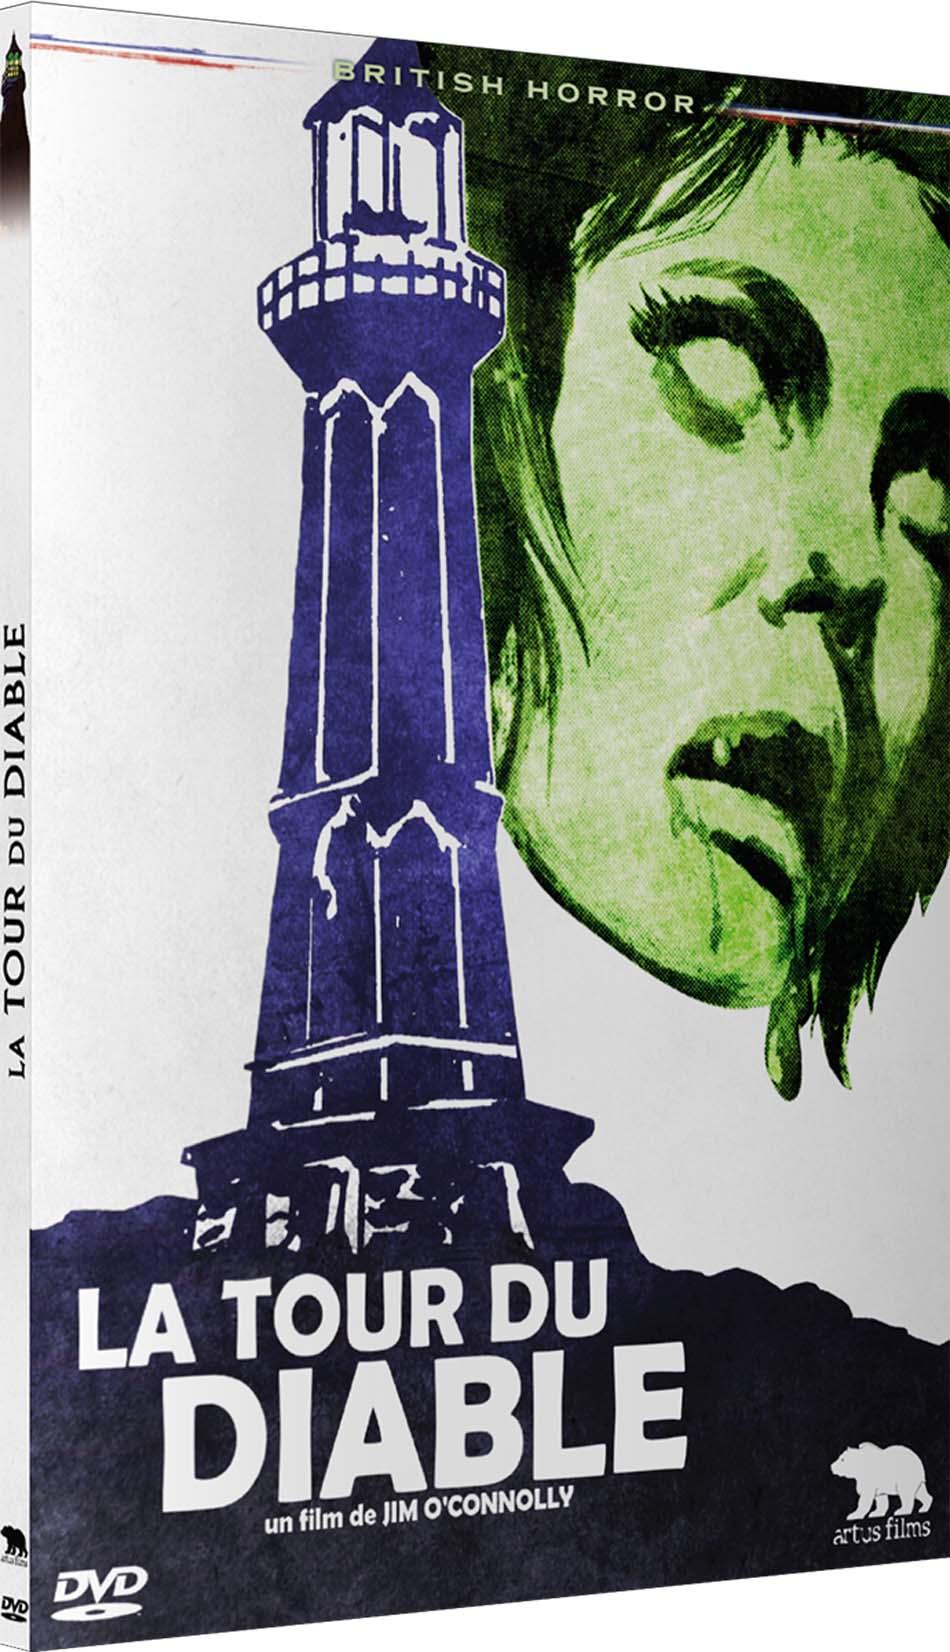 La tour du diable le d serte brume et meurtres daily movies - La hotte du diable ...